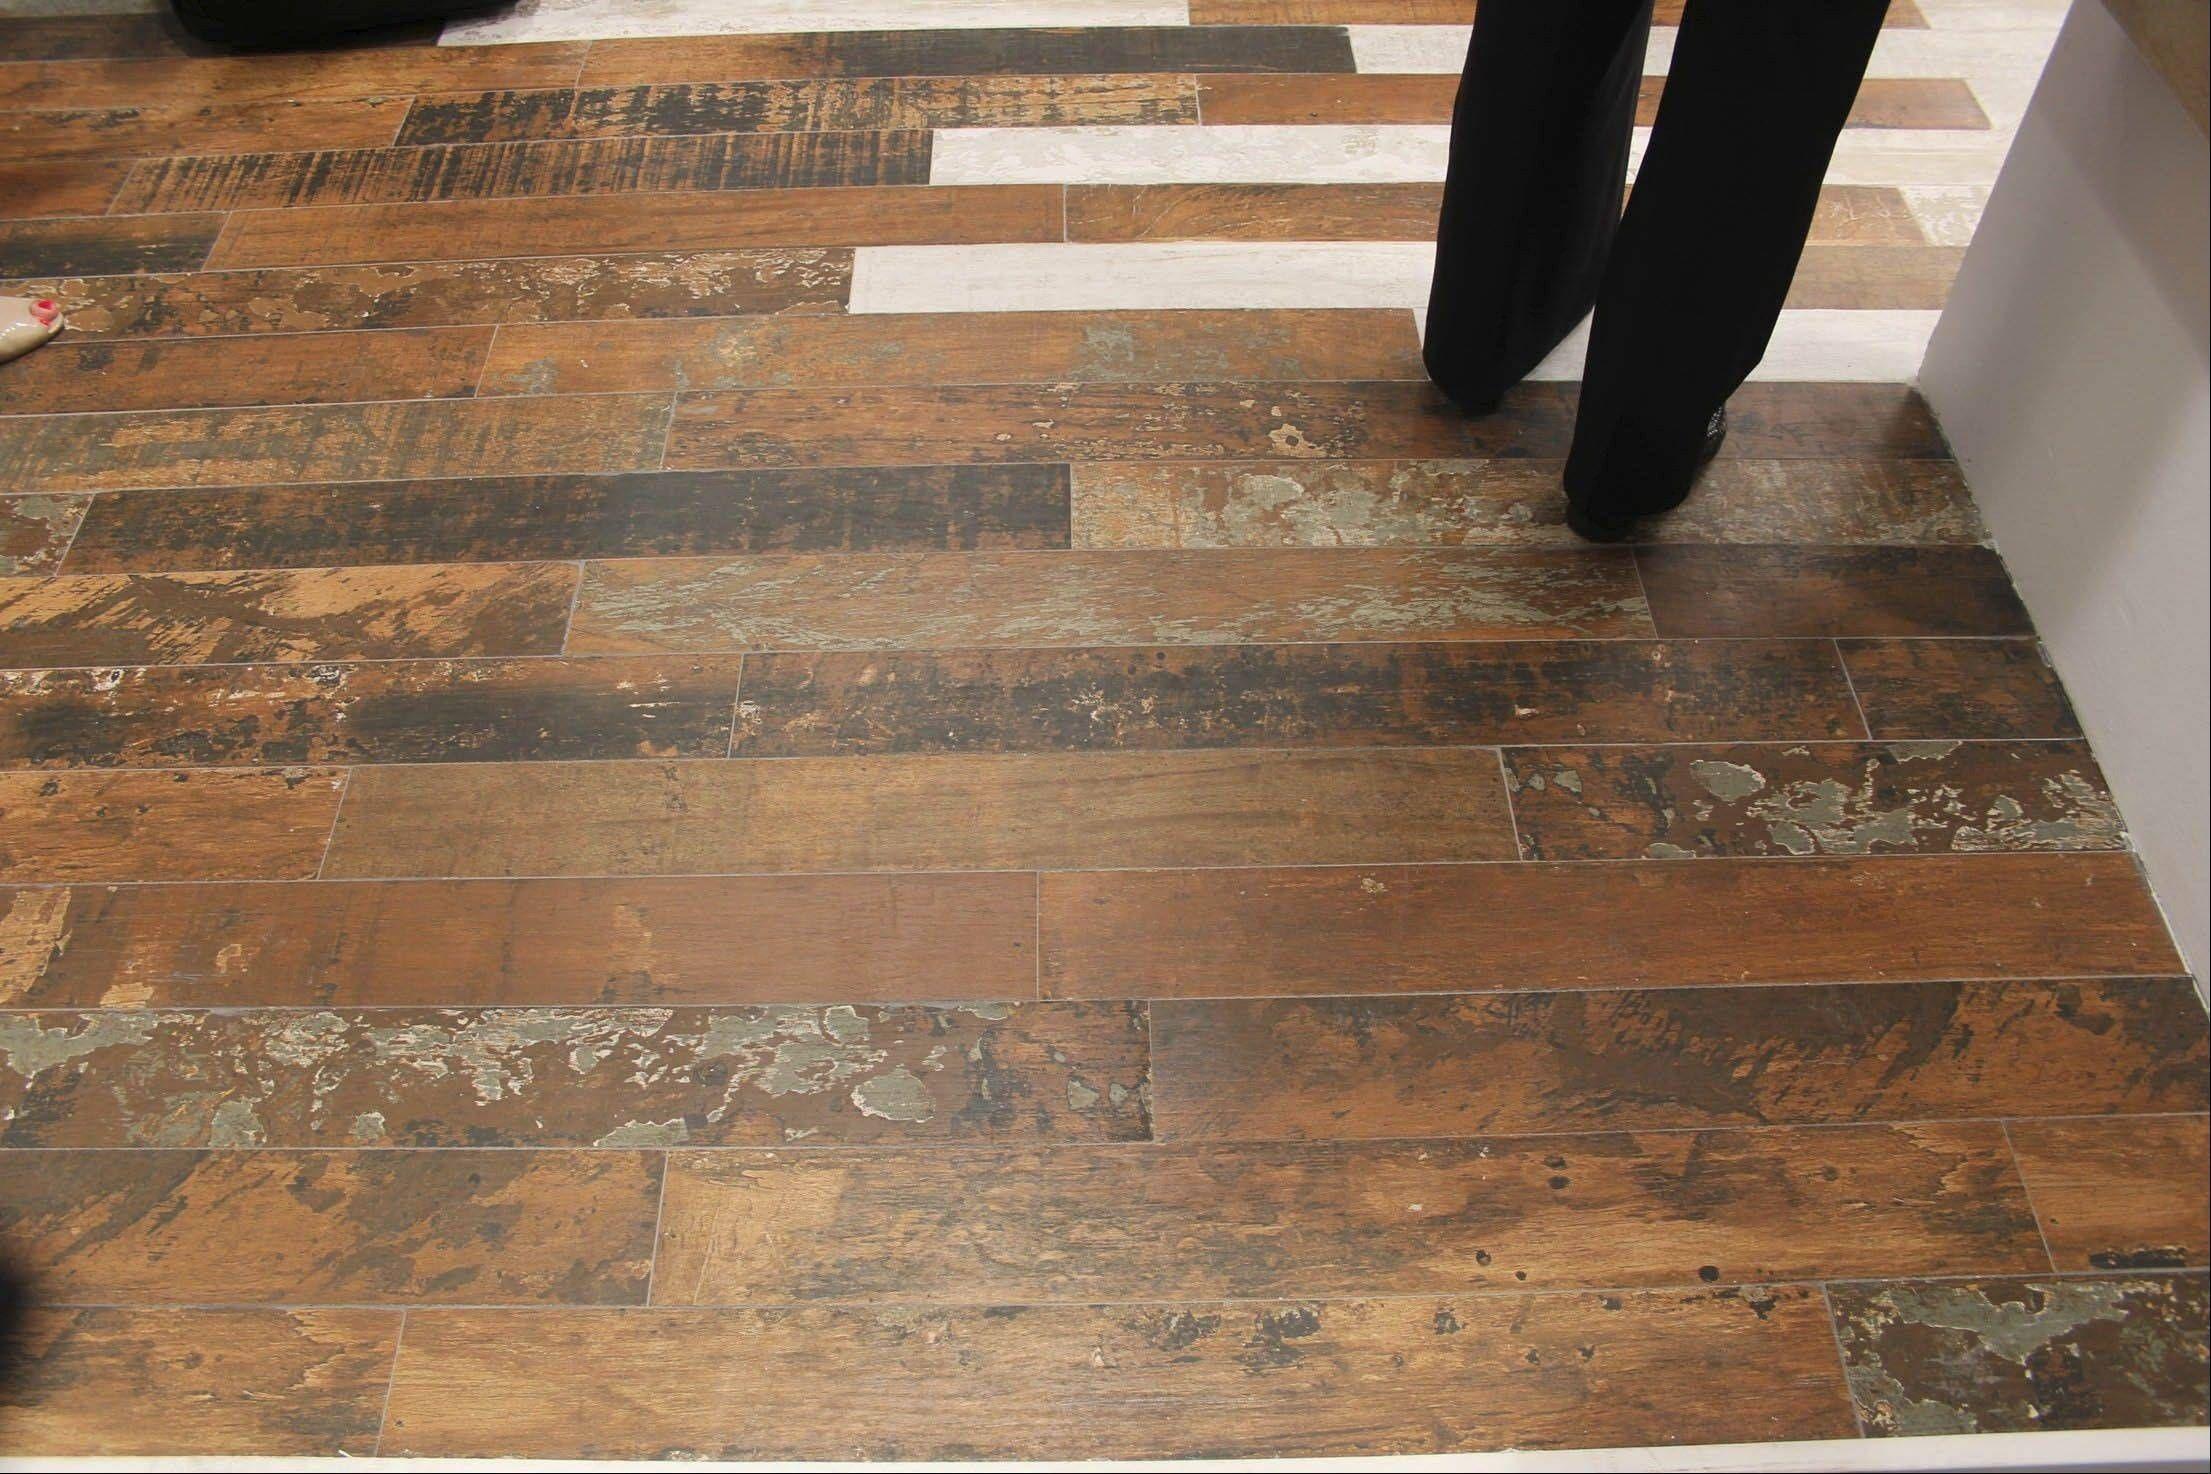 Vinyl Flooring That Looks Like Barn Wood | Wood look tile ...